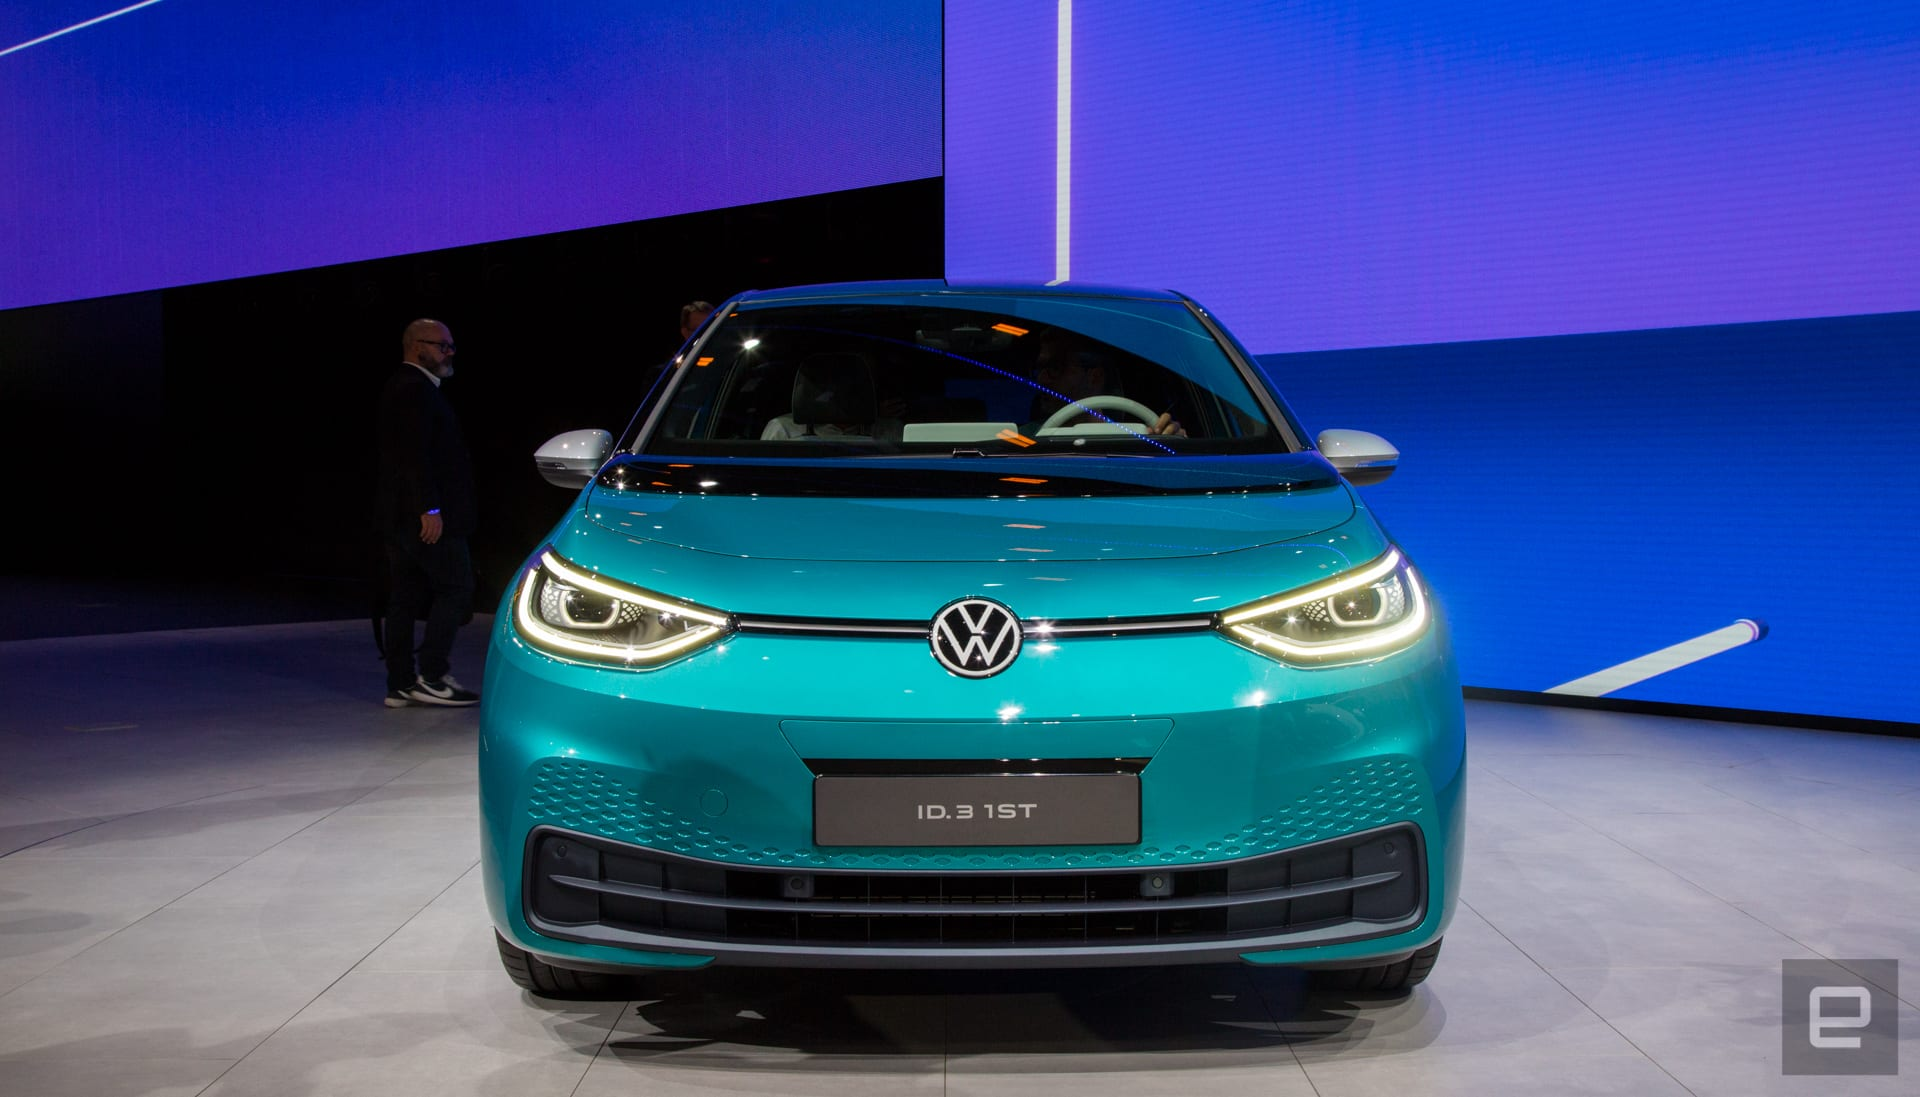 Volkswagen ID.3 unveiling